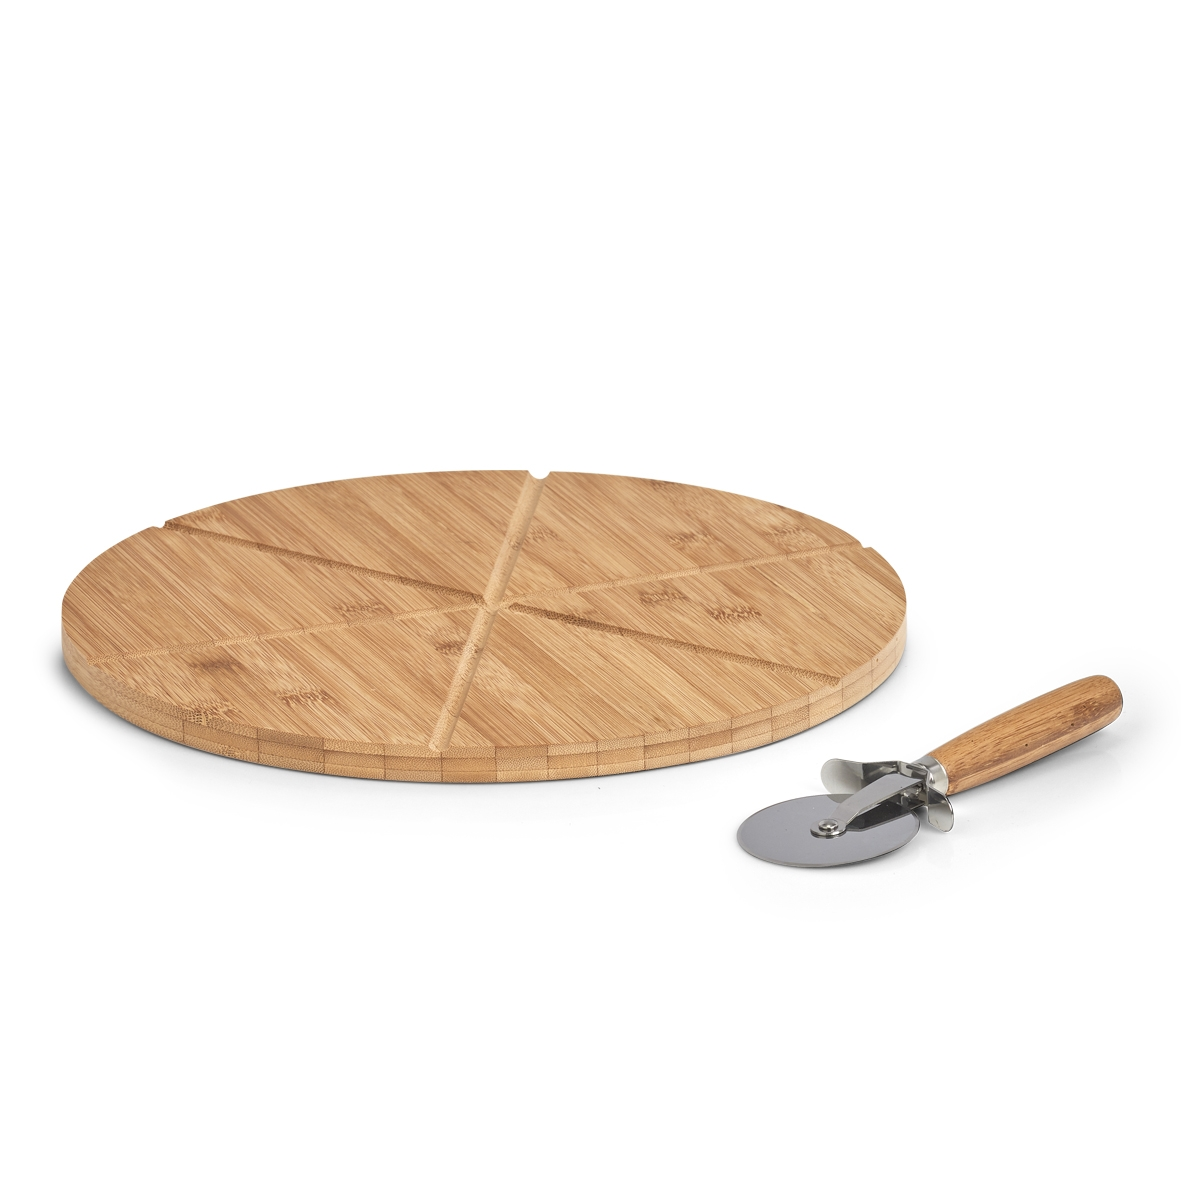 Set platou de servire din bambus cu taietor Pizza Natural, Ø32xH1,5 cm imagine